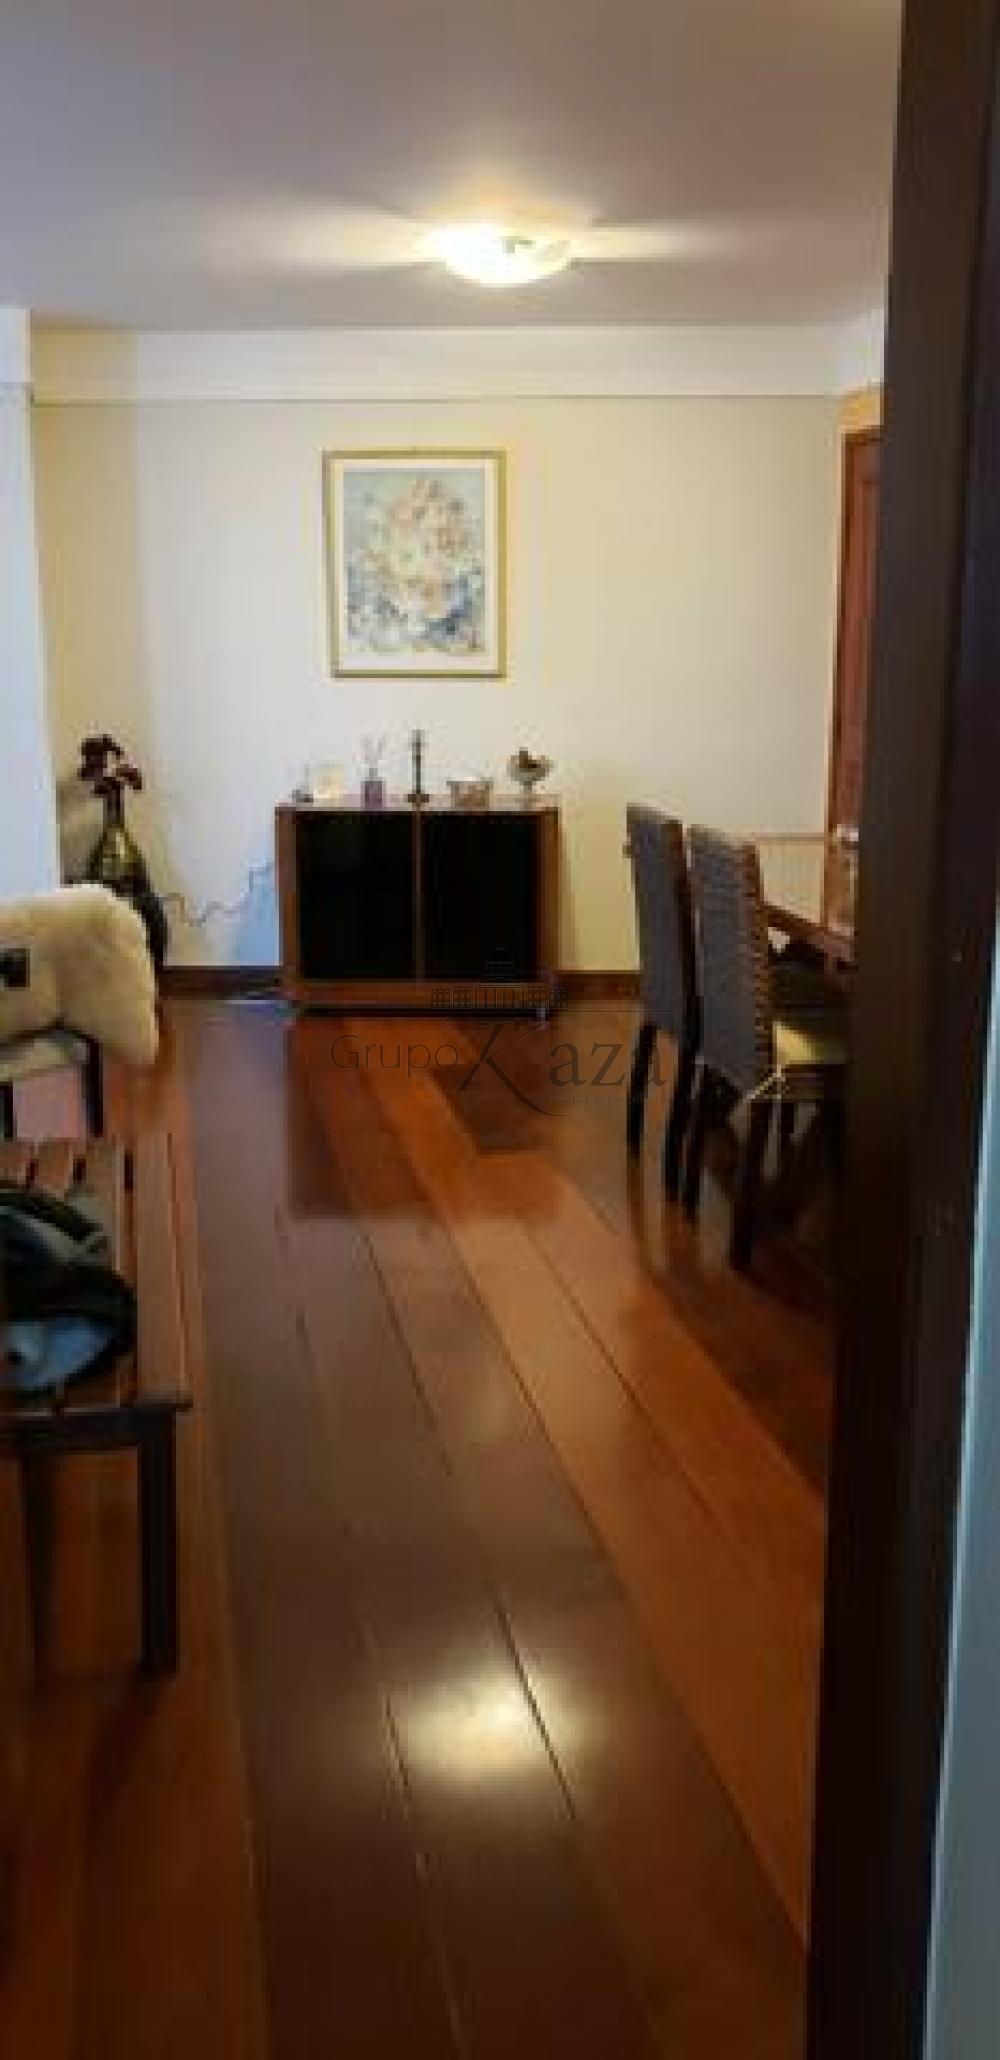 alt='Comprar Apartamento / Padrão em São José dos Campos R$ 530.000,00 - Foto 4' title='Comprar Apartamento / Padrão em São José dos Campos R$ 530.000,00 - Foto 4'